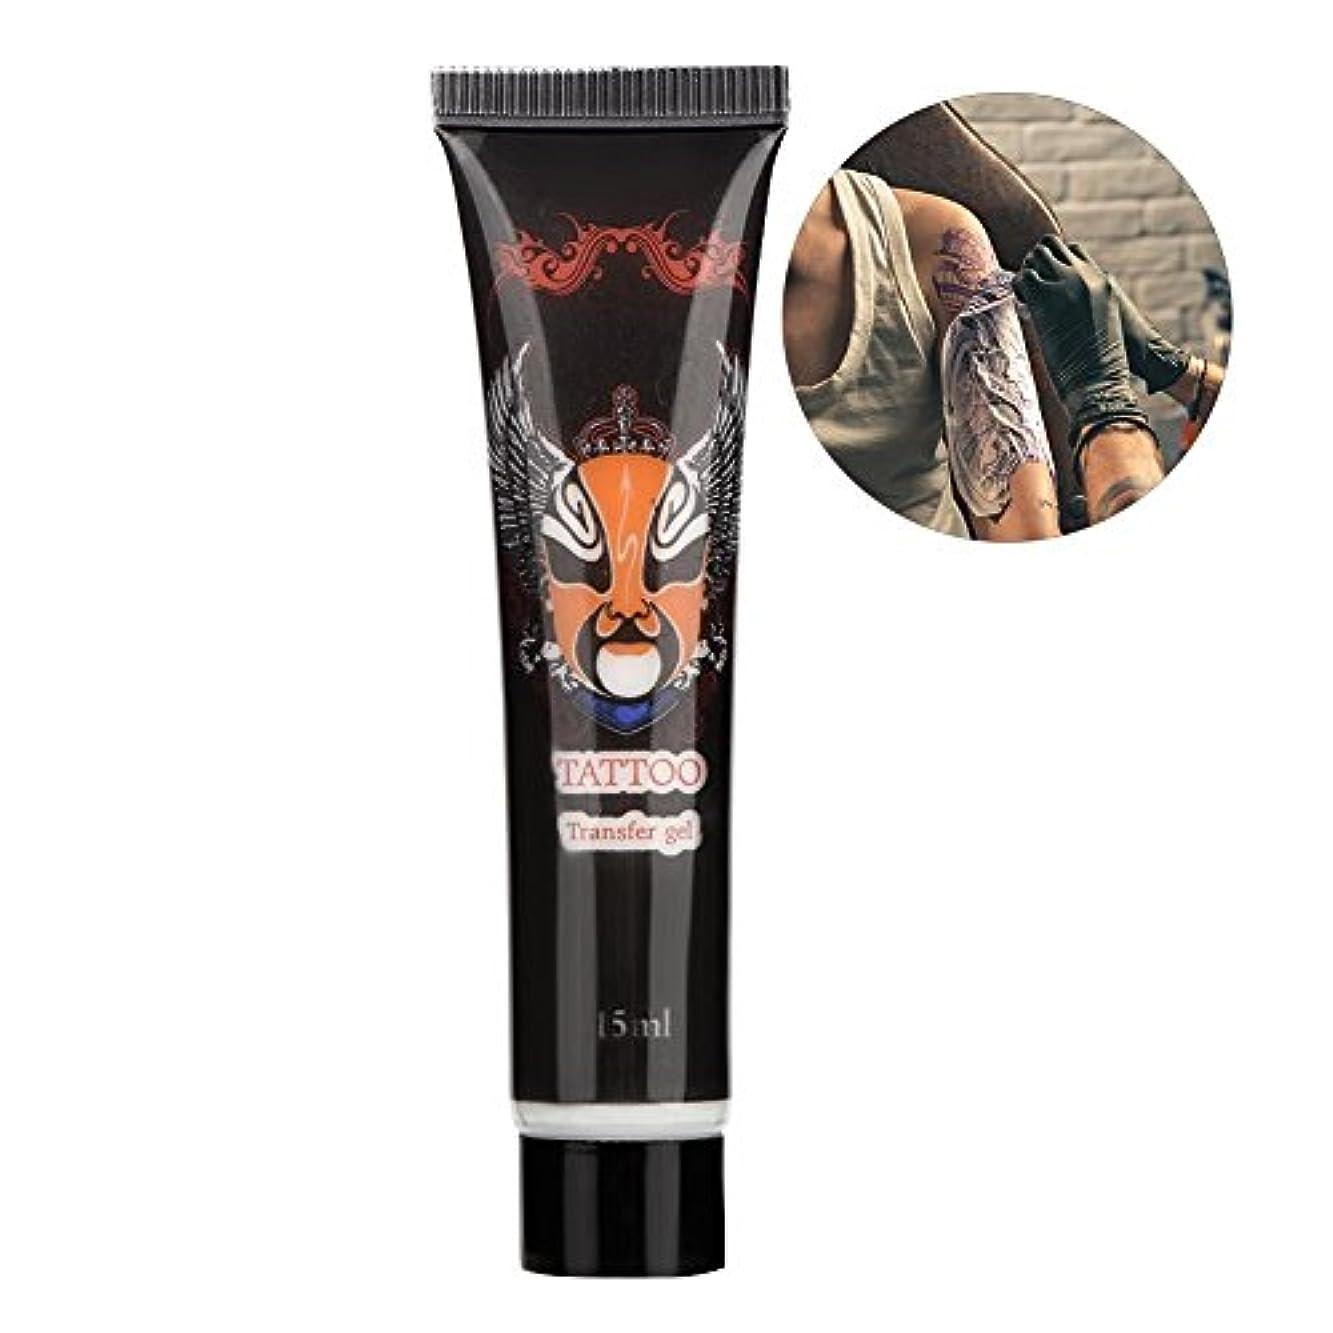 回転継続中健全ZJchao タトゥー除去クリーム、専門クリーニングタトゥー無痛素早い洗浄ボディーアートアクセサリータトゥーアクセサリー(15ミリリットル)